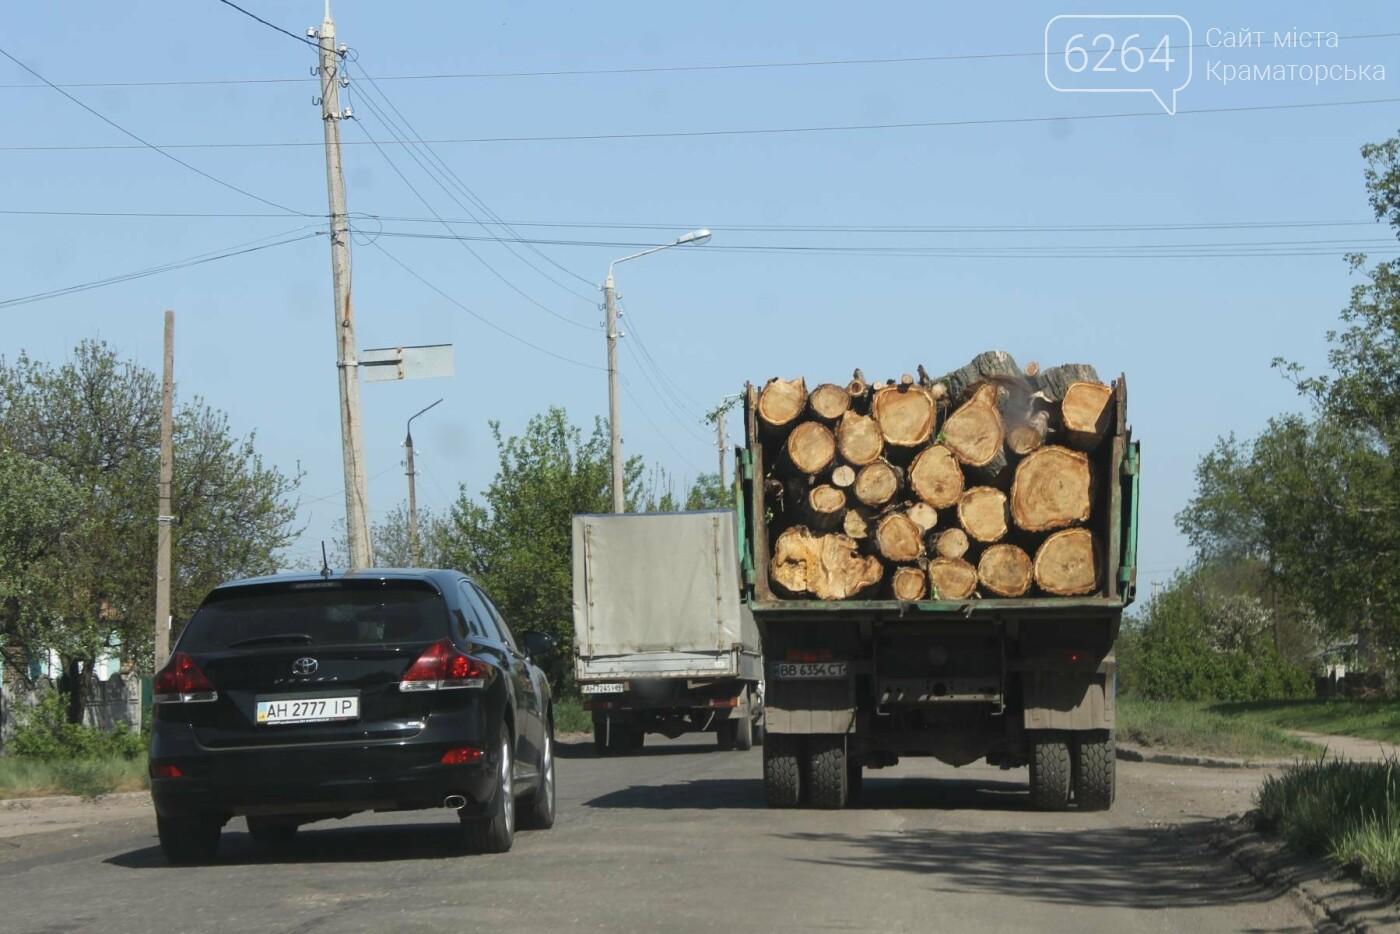 Опиловка близ Краматорска: непроглядный дым, вывоз отборного леса и скрытные «лесорубы», не знающие для кого и чего работают, фото-10